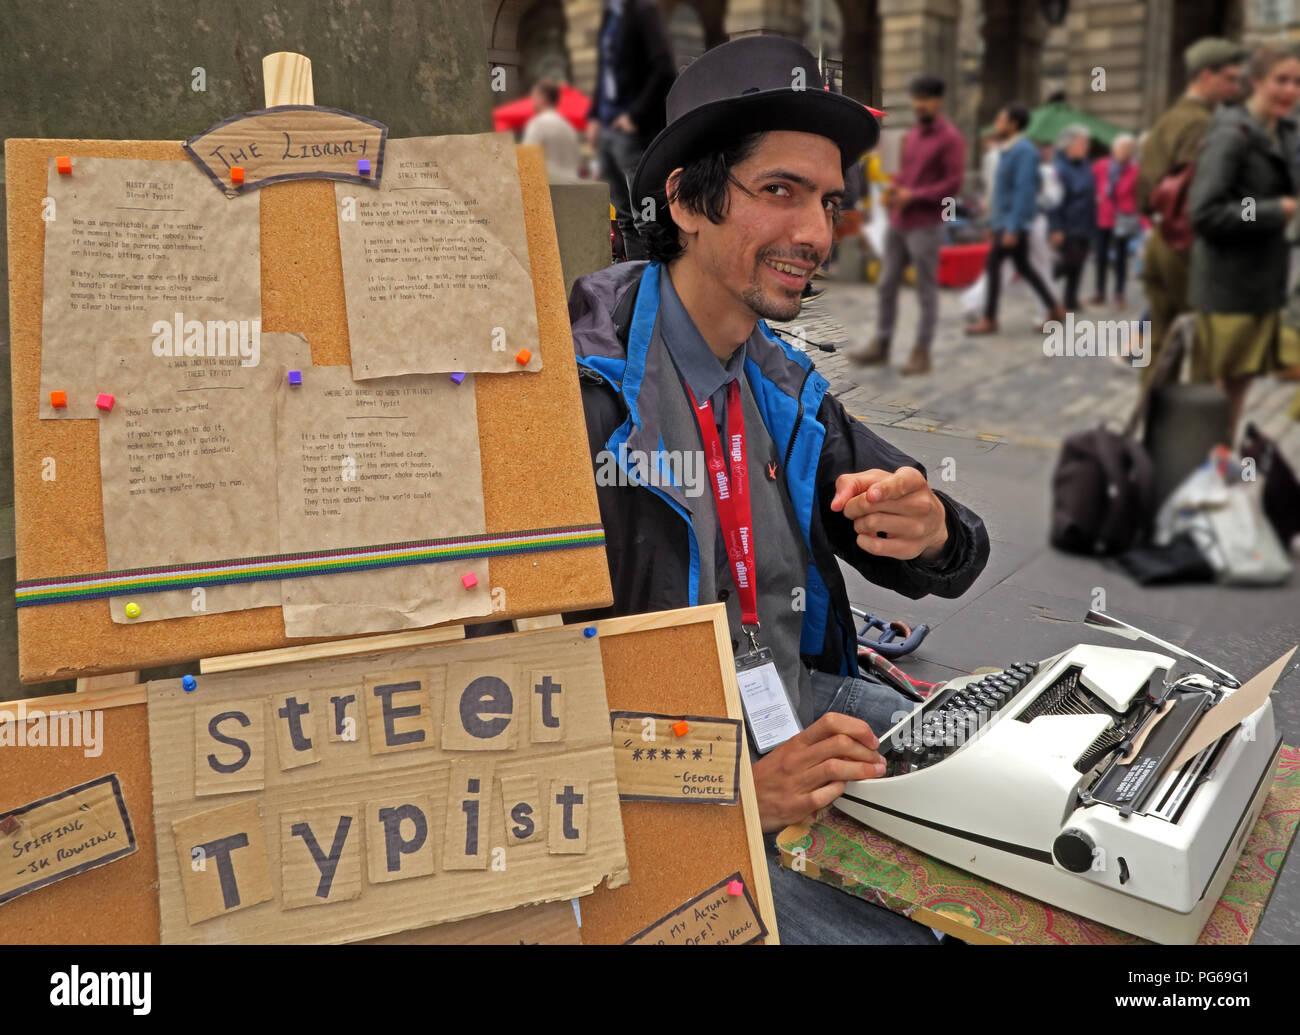 Laden Sie dieses Alamy Stockfoto Straße Schreibkraft, Edinburgh Fringe, High Street, Edinburgh, Lothian, Schottland, Großbritannien - PG69G1